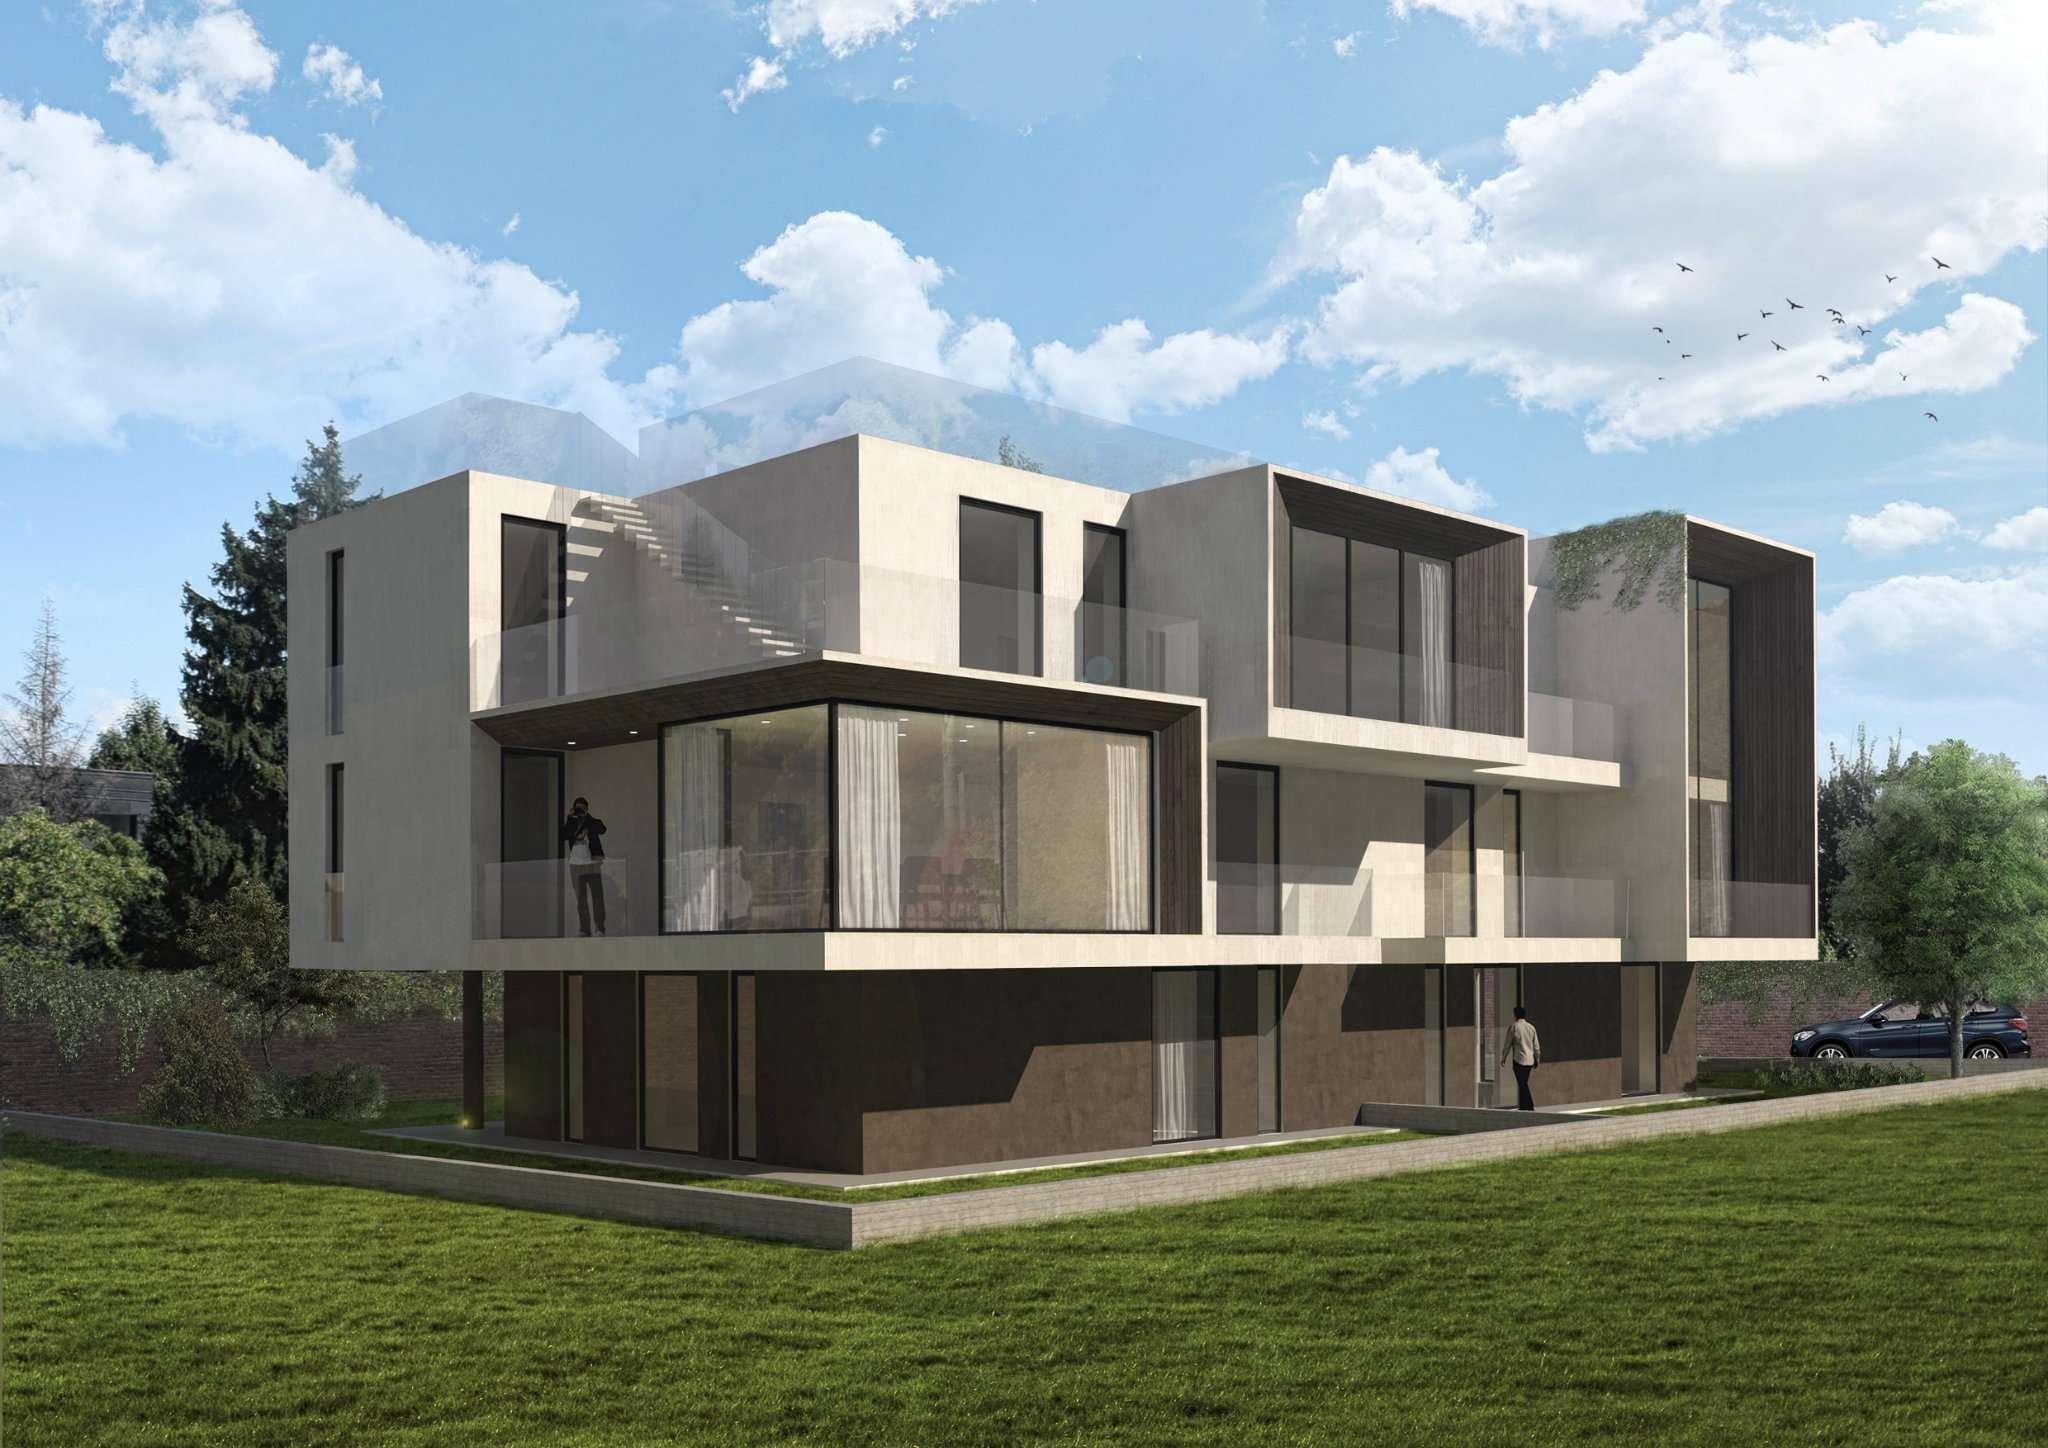 Foto 1 di Appartamento via Circonvallazione 79, Caselle Torinese